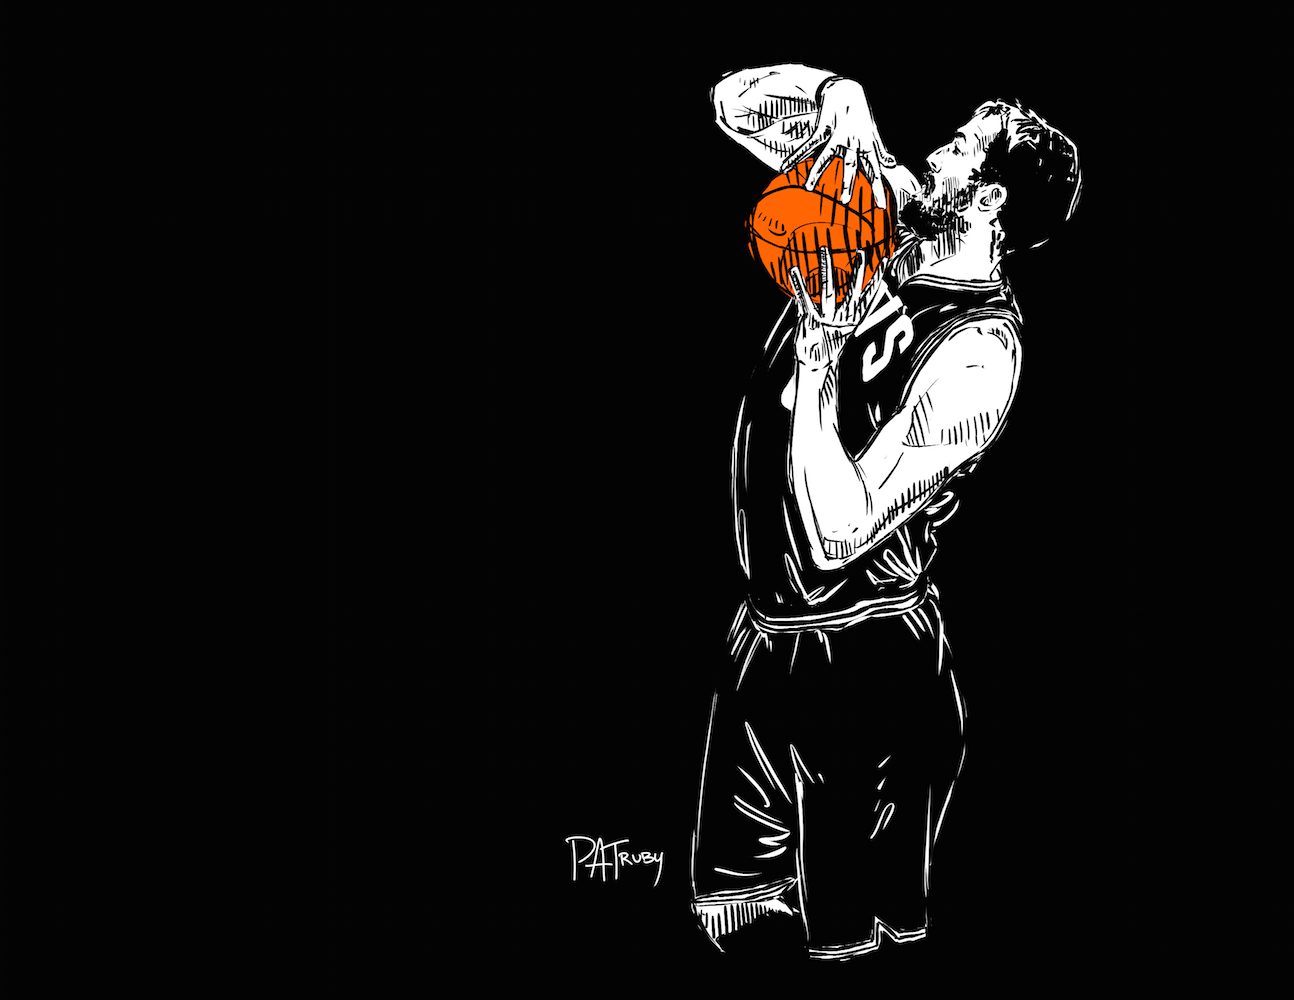 分享几张詹姆斯骑士时期的插画[6P],依然来自Patrick Truby的图片-高老四博客 第5张